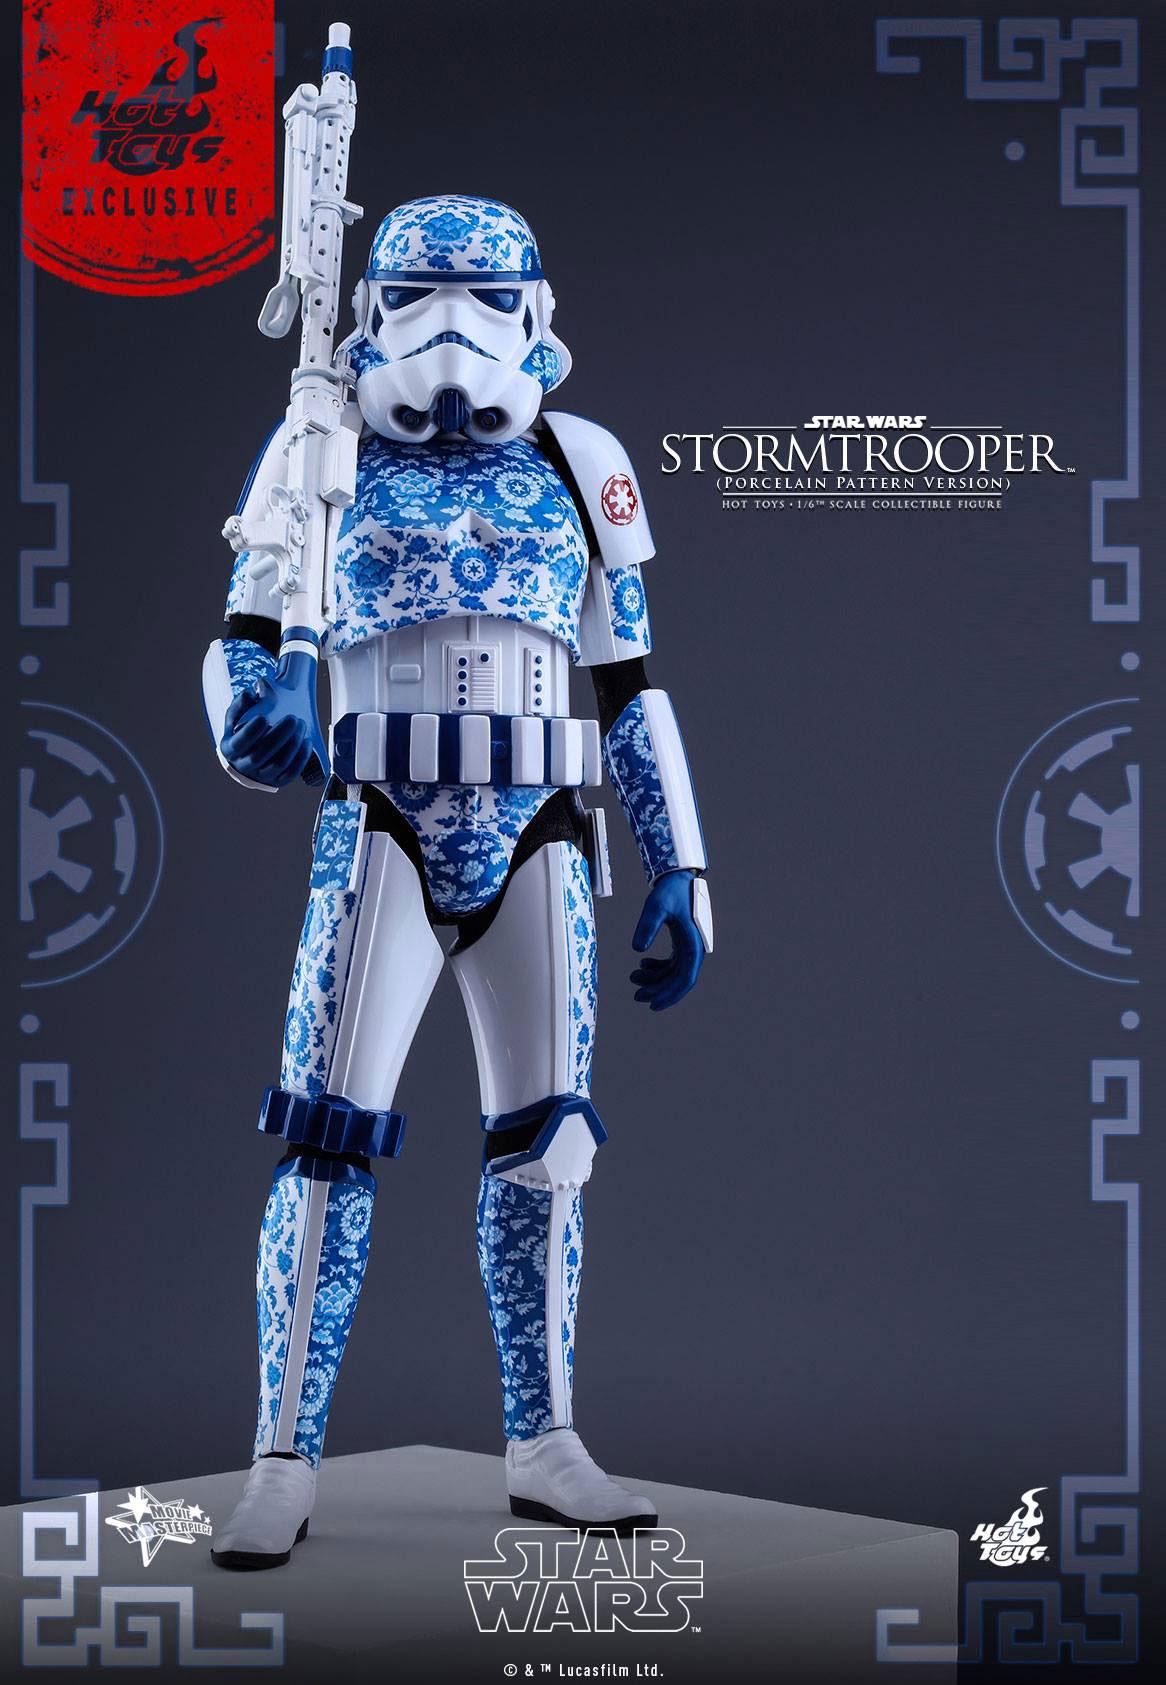 hot-toys-star-wars-stormtrooper-porcelain-pattern-figure-3